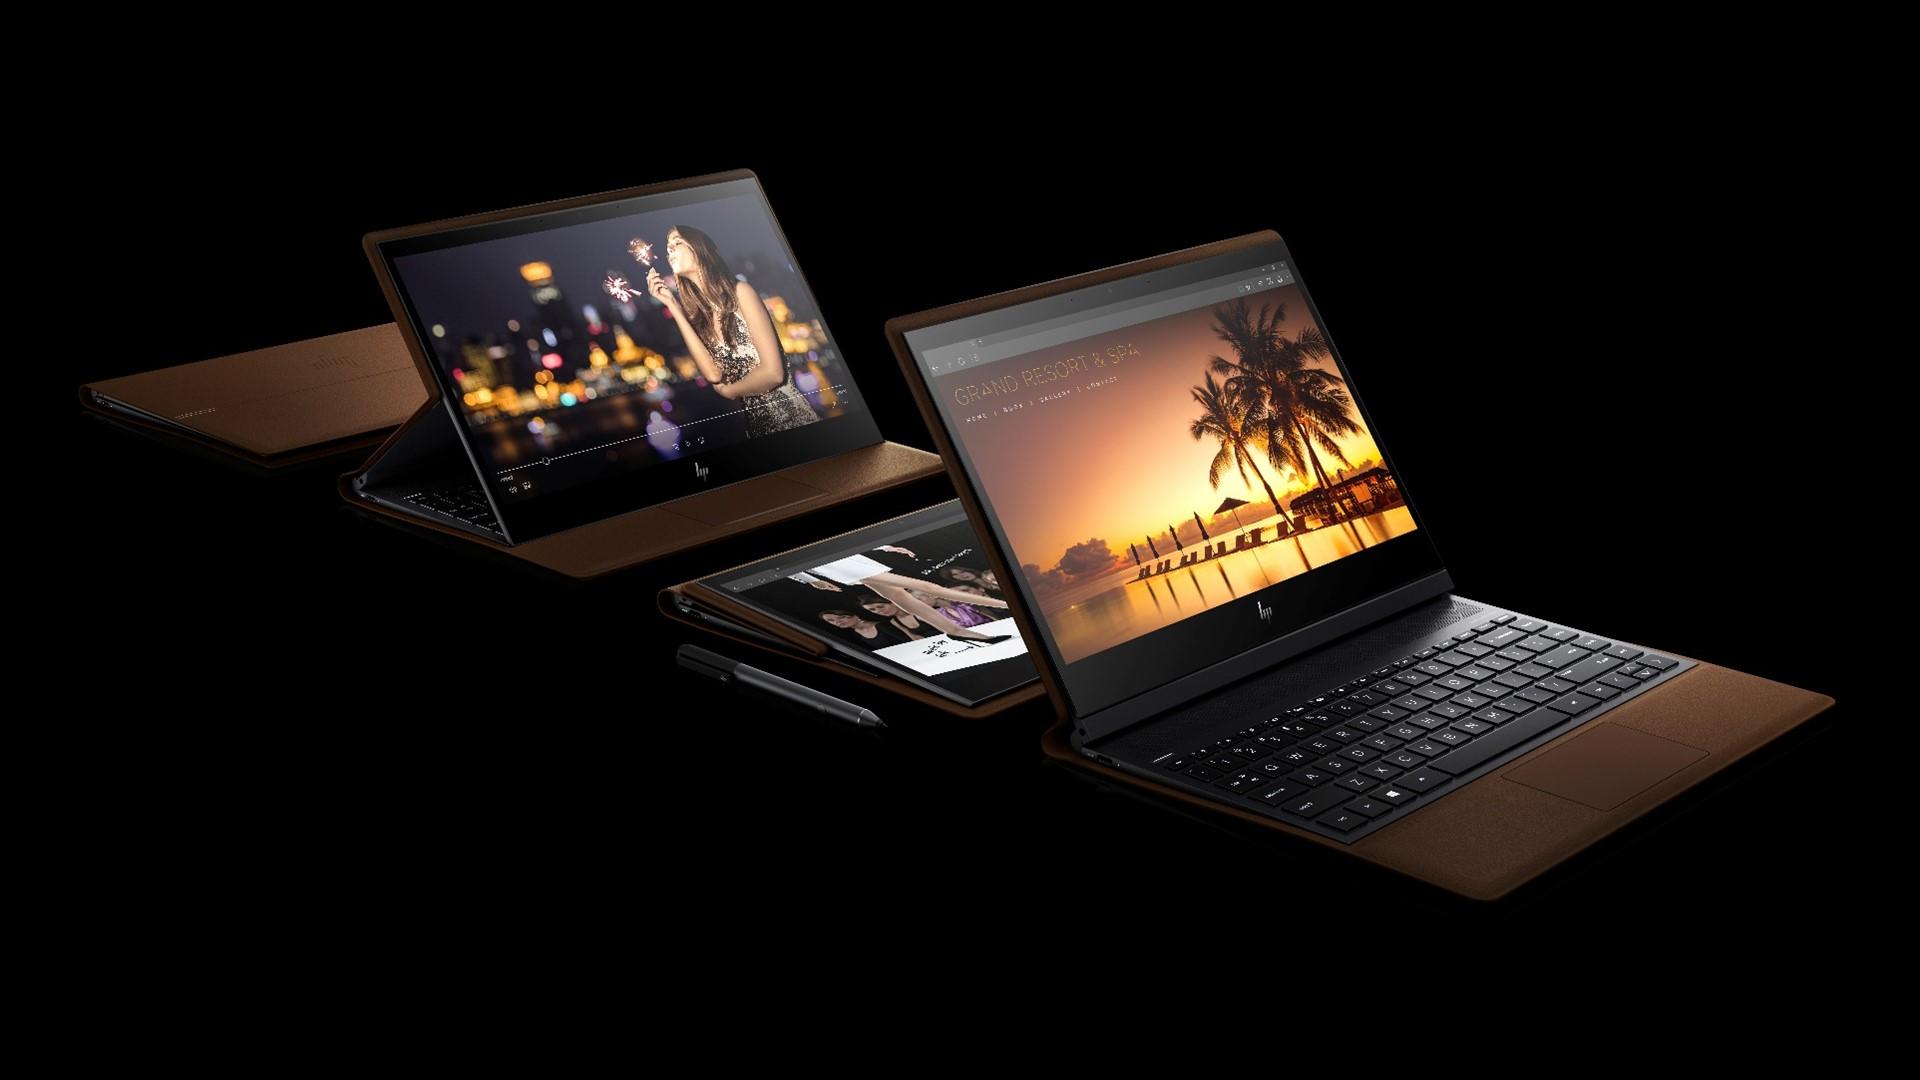 O HP Spectre Fólio e Spectre x360 notebooks premium lançado na Índia